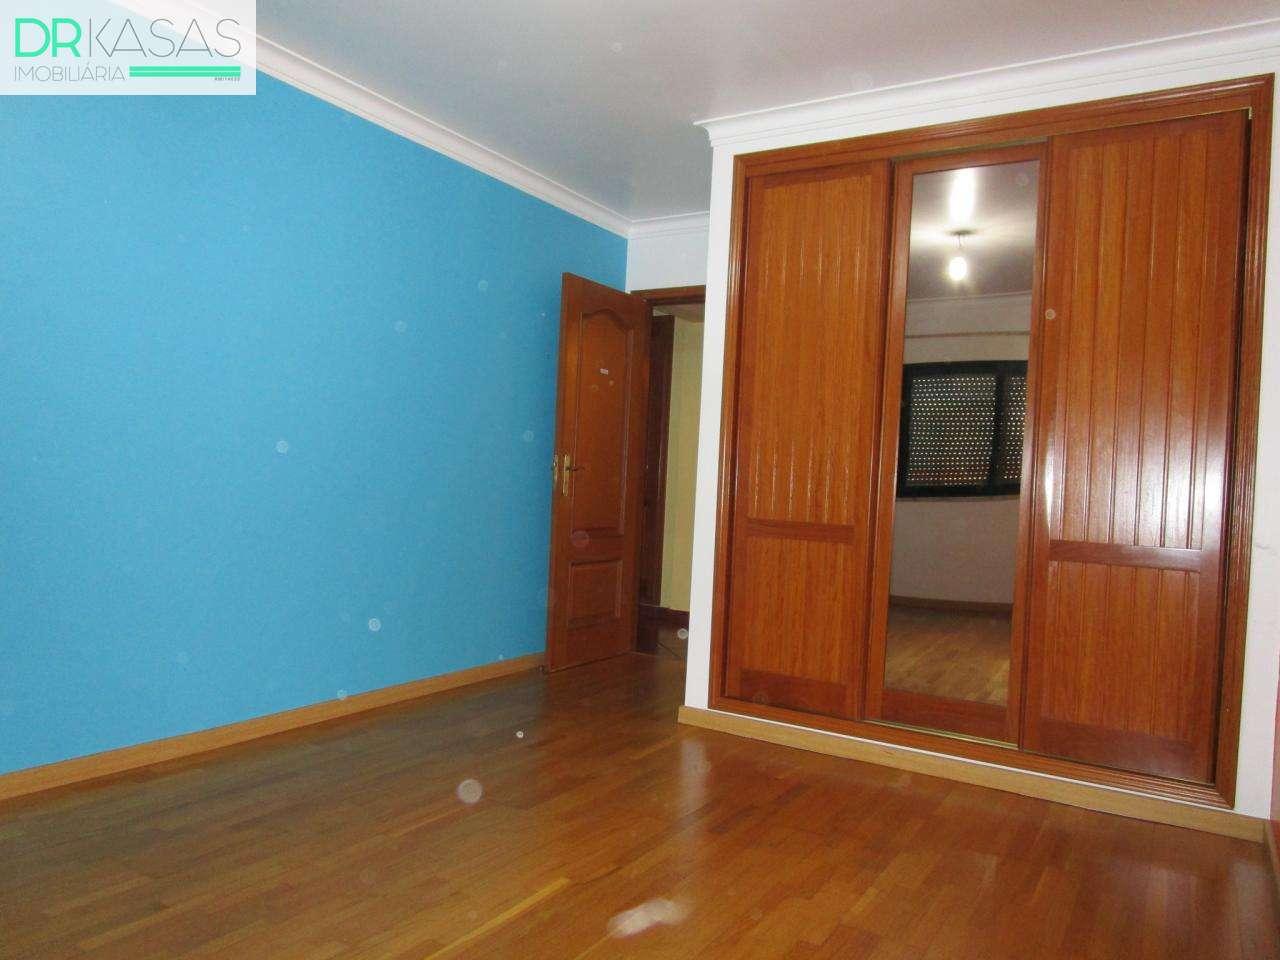 Apartamento para comprar, Barreiro e Lavradio, Barreiro, Setúbal - Foto 10